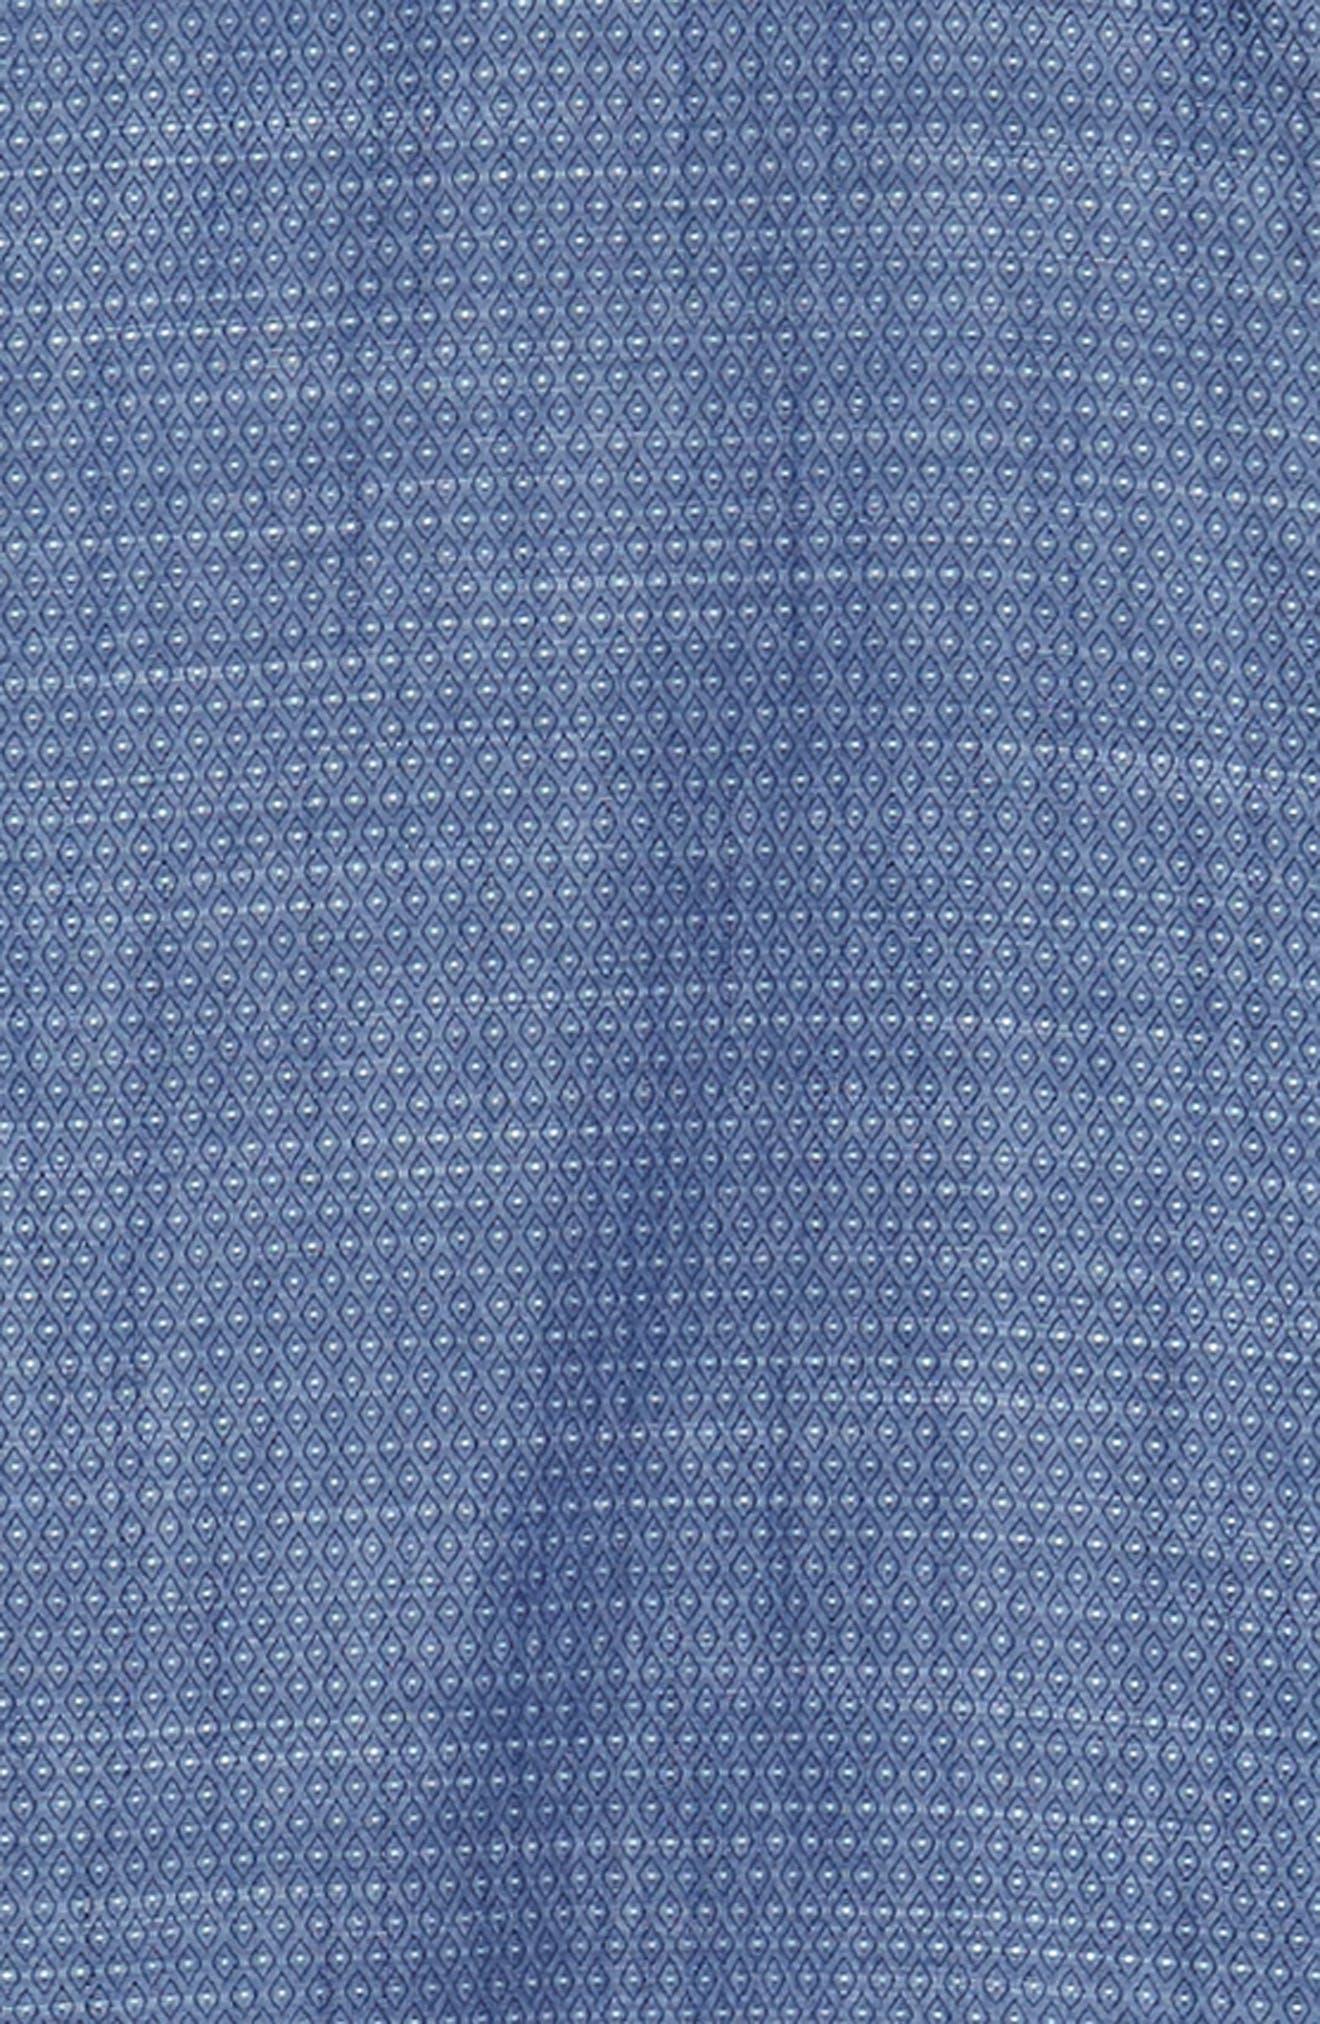 Trim Fit Jacquard Print Sport Shirt,                             Alternate thumbnail 6, color,                             410